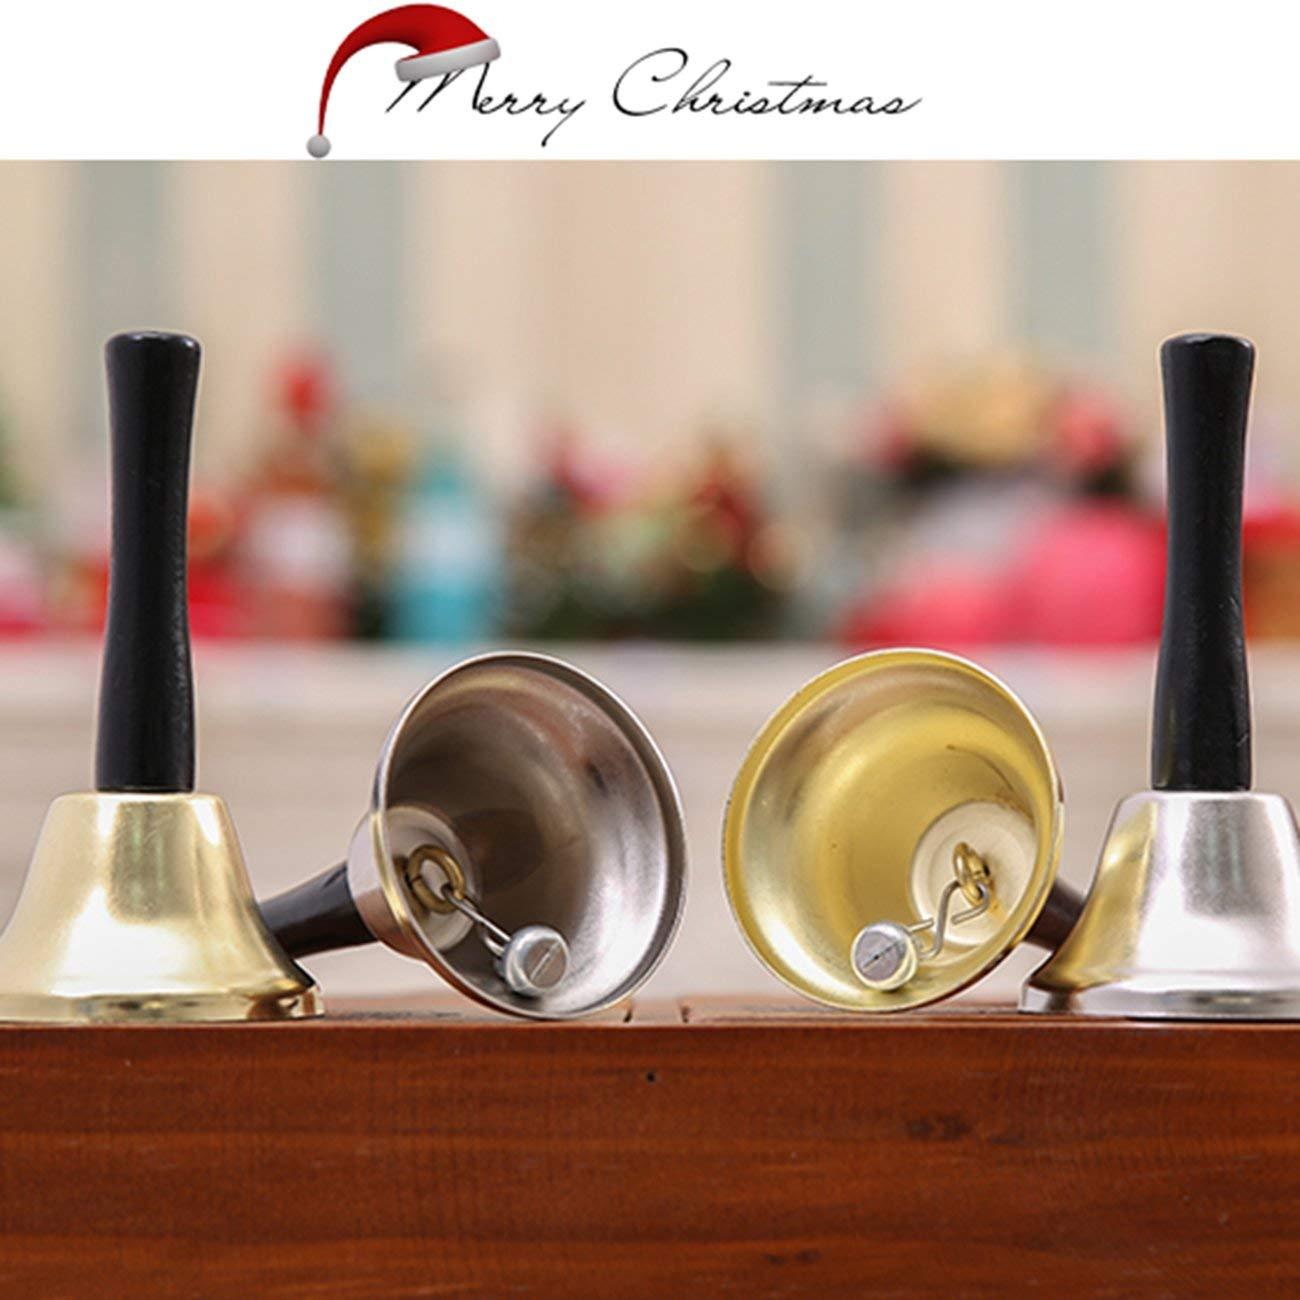 Oro JIUY Portable Babbo Natale Sonagli Campanella Festa di Capodanno Decorazioni Manico in Legno Accessori per la casa Bells Props Festival